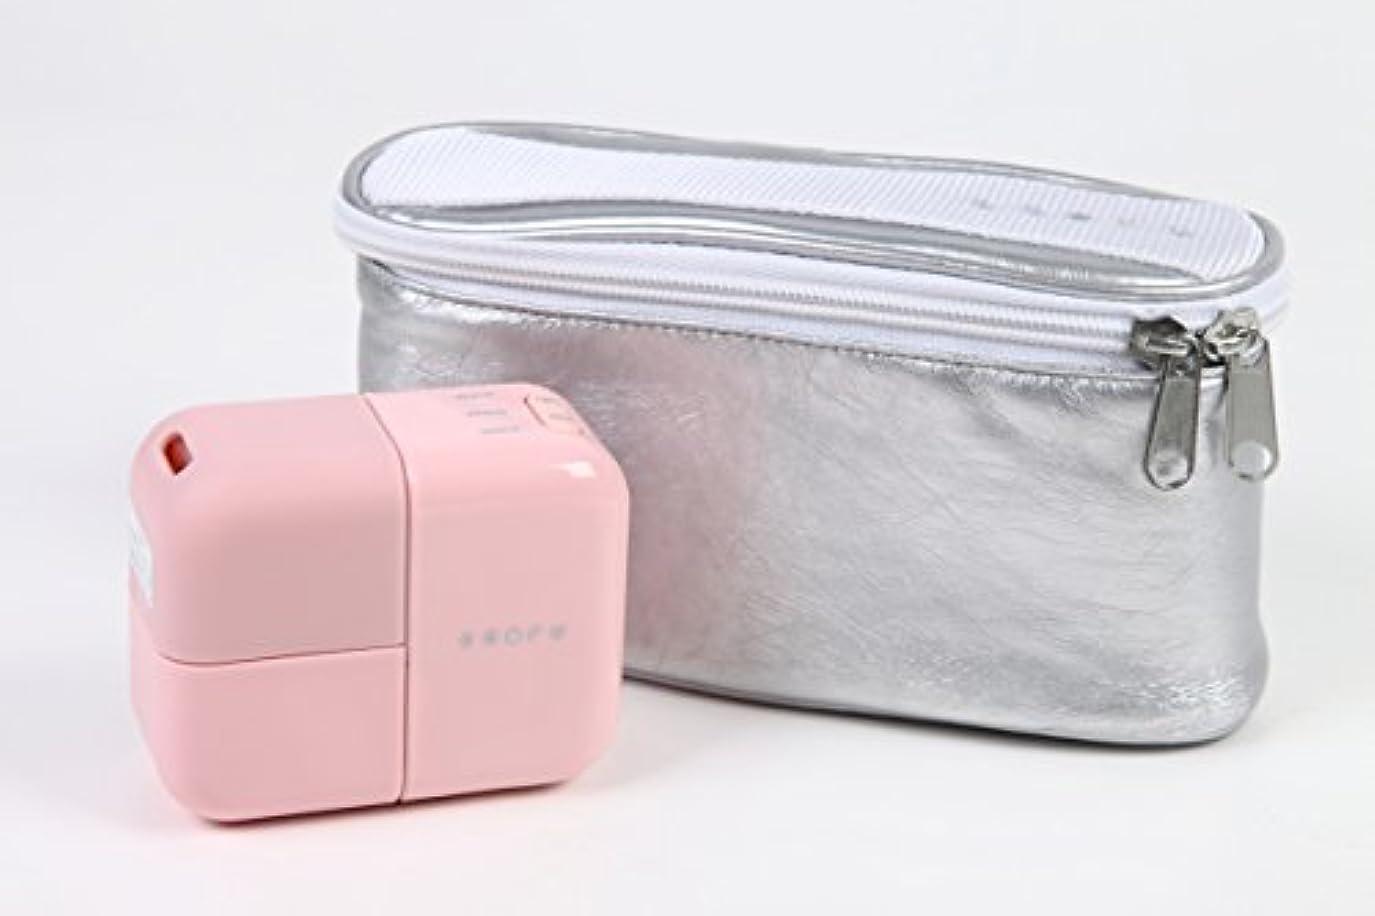 前提条件便利アクセントカオルモバイル アロマディフューザー (サクラ(ピンク))